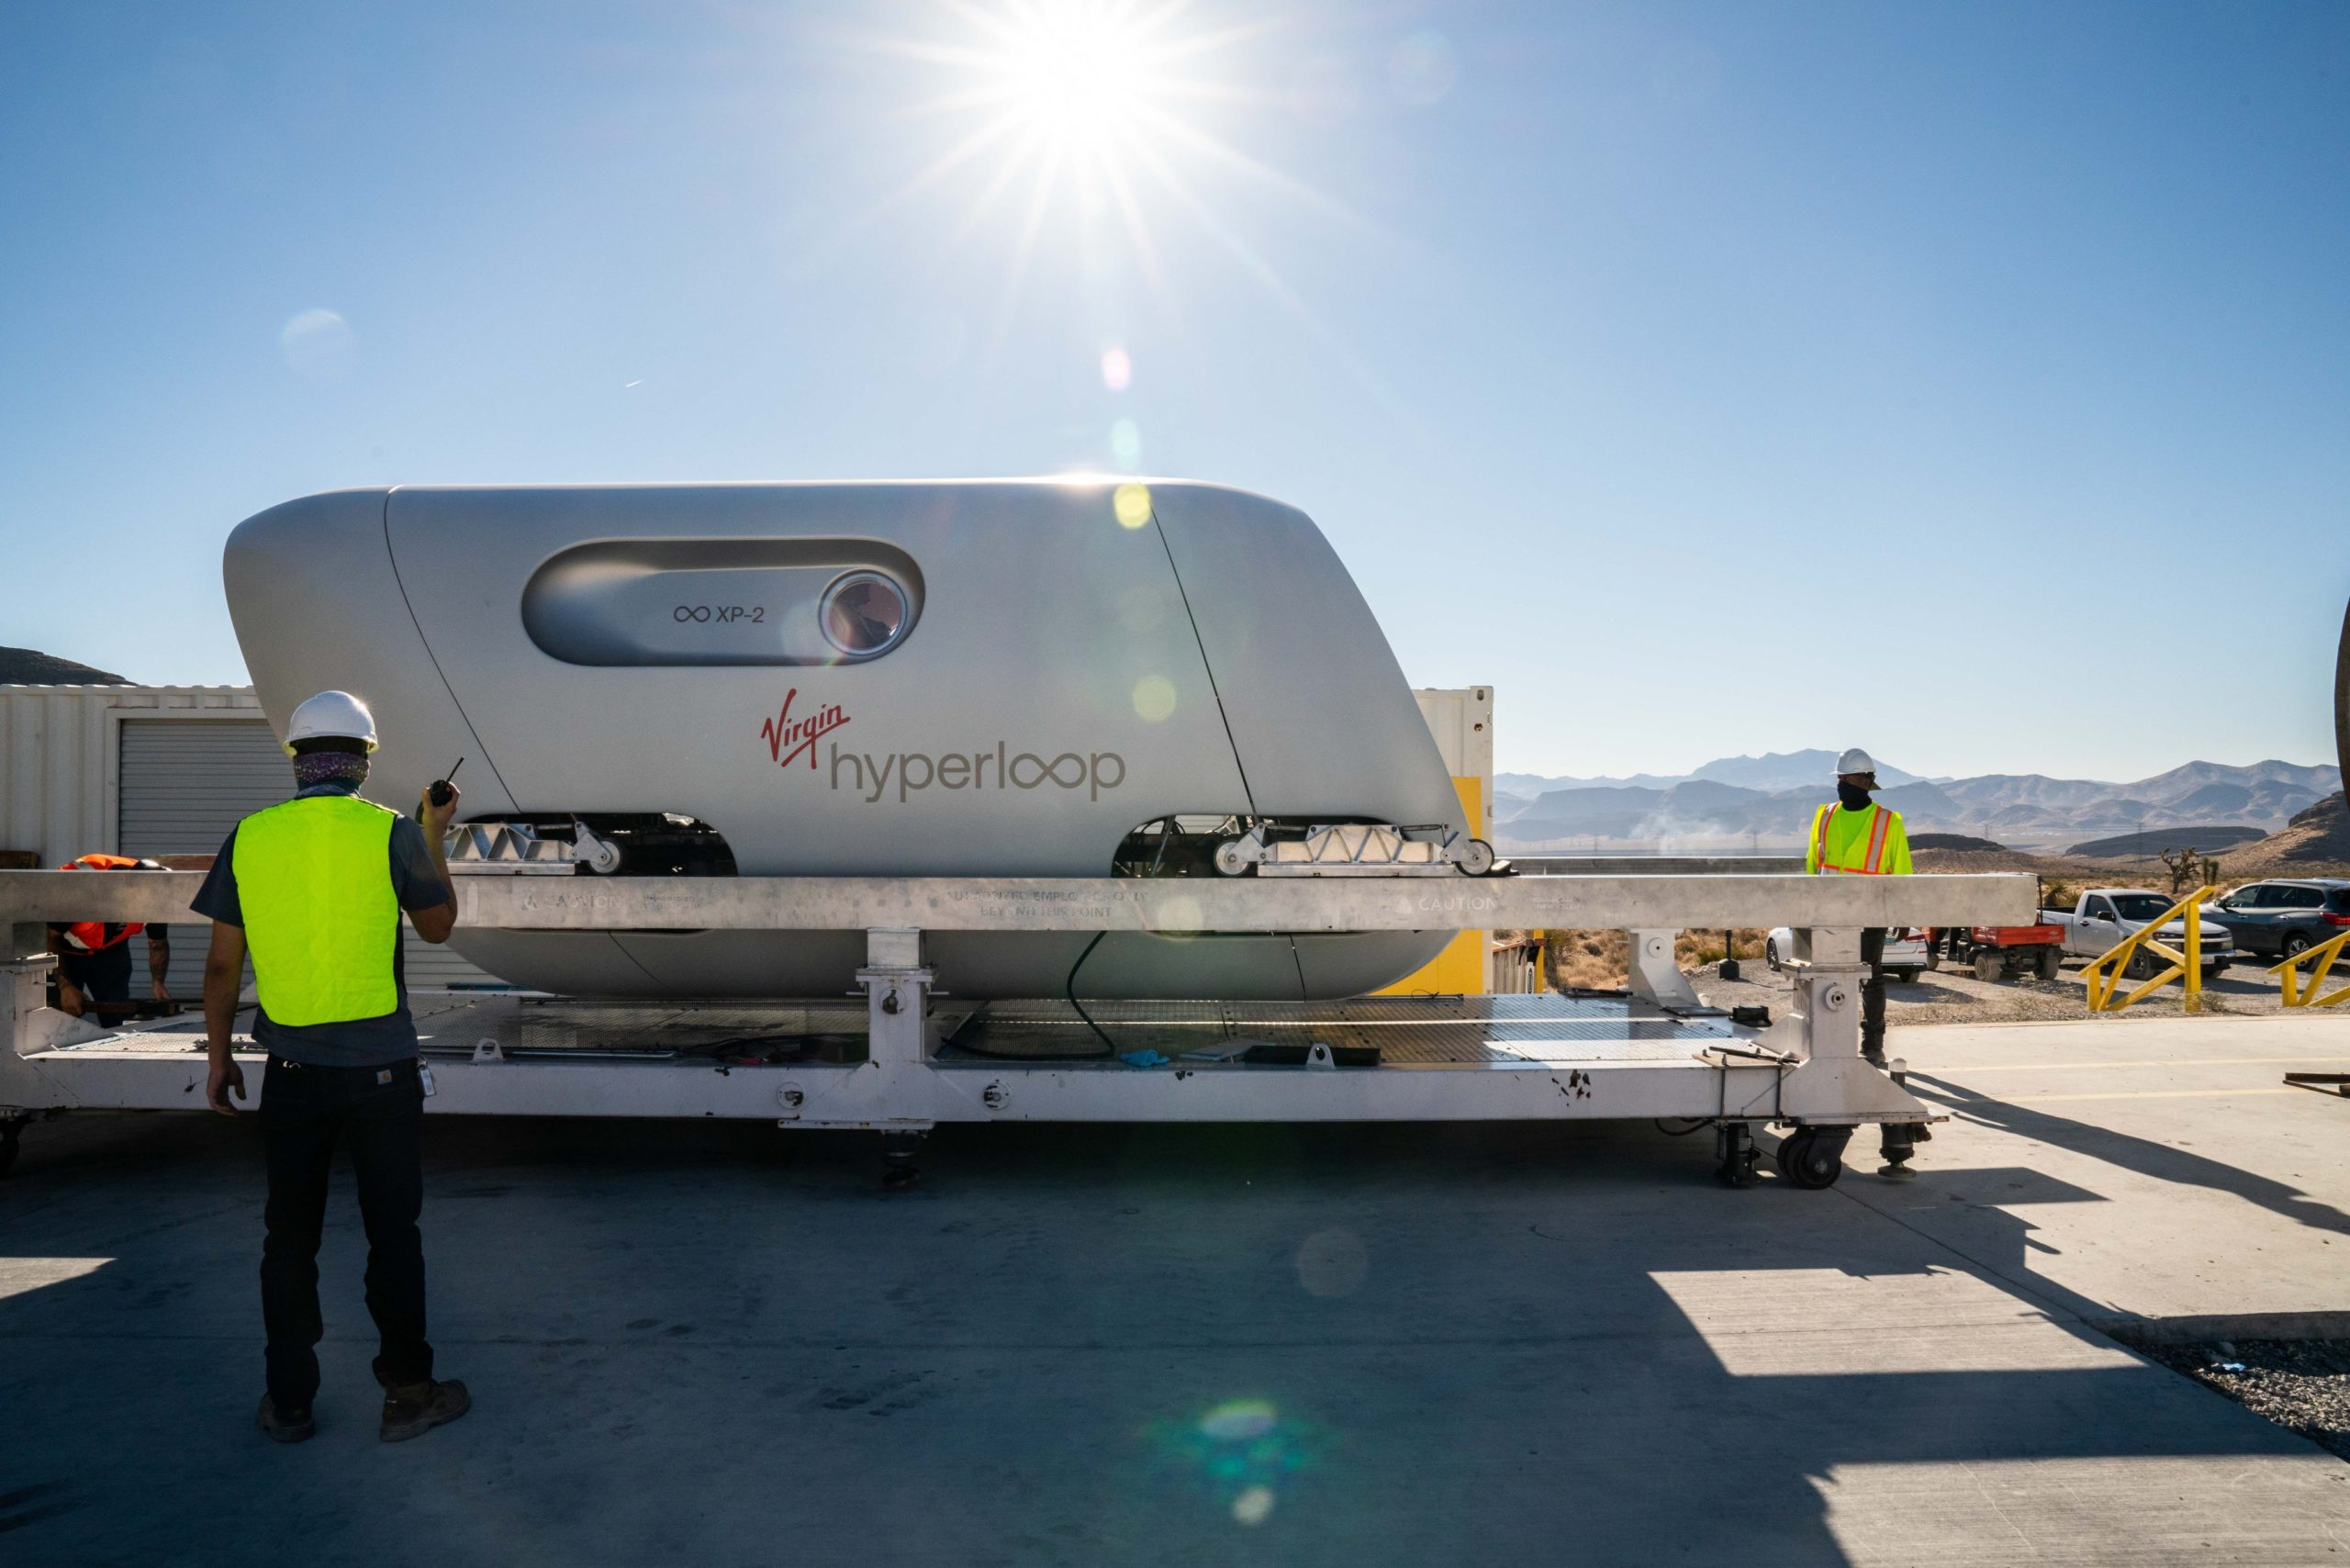 Virgin hyperloop Dubai